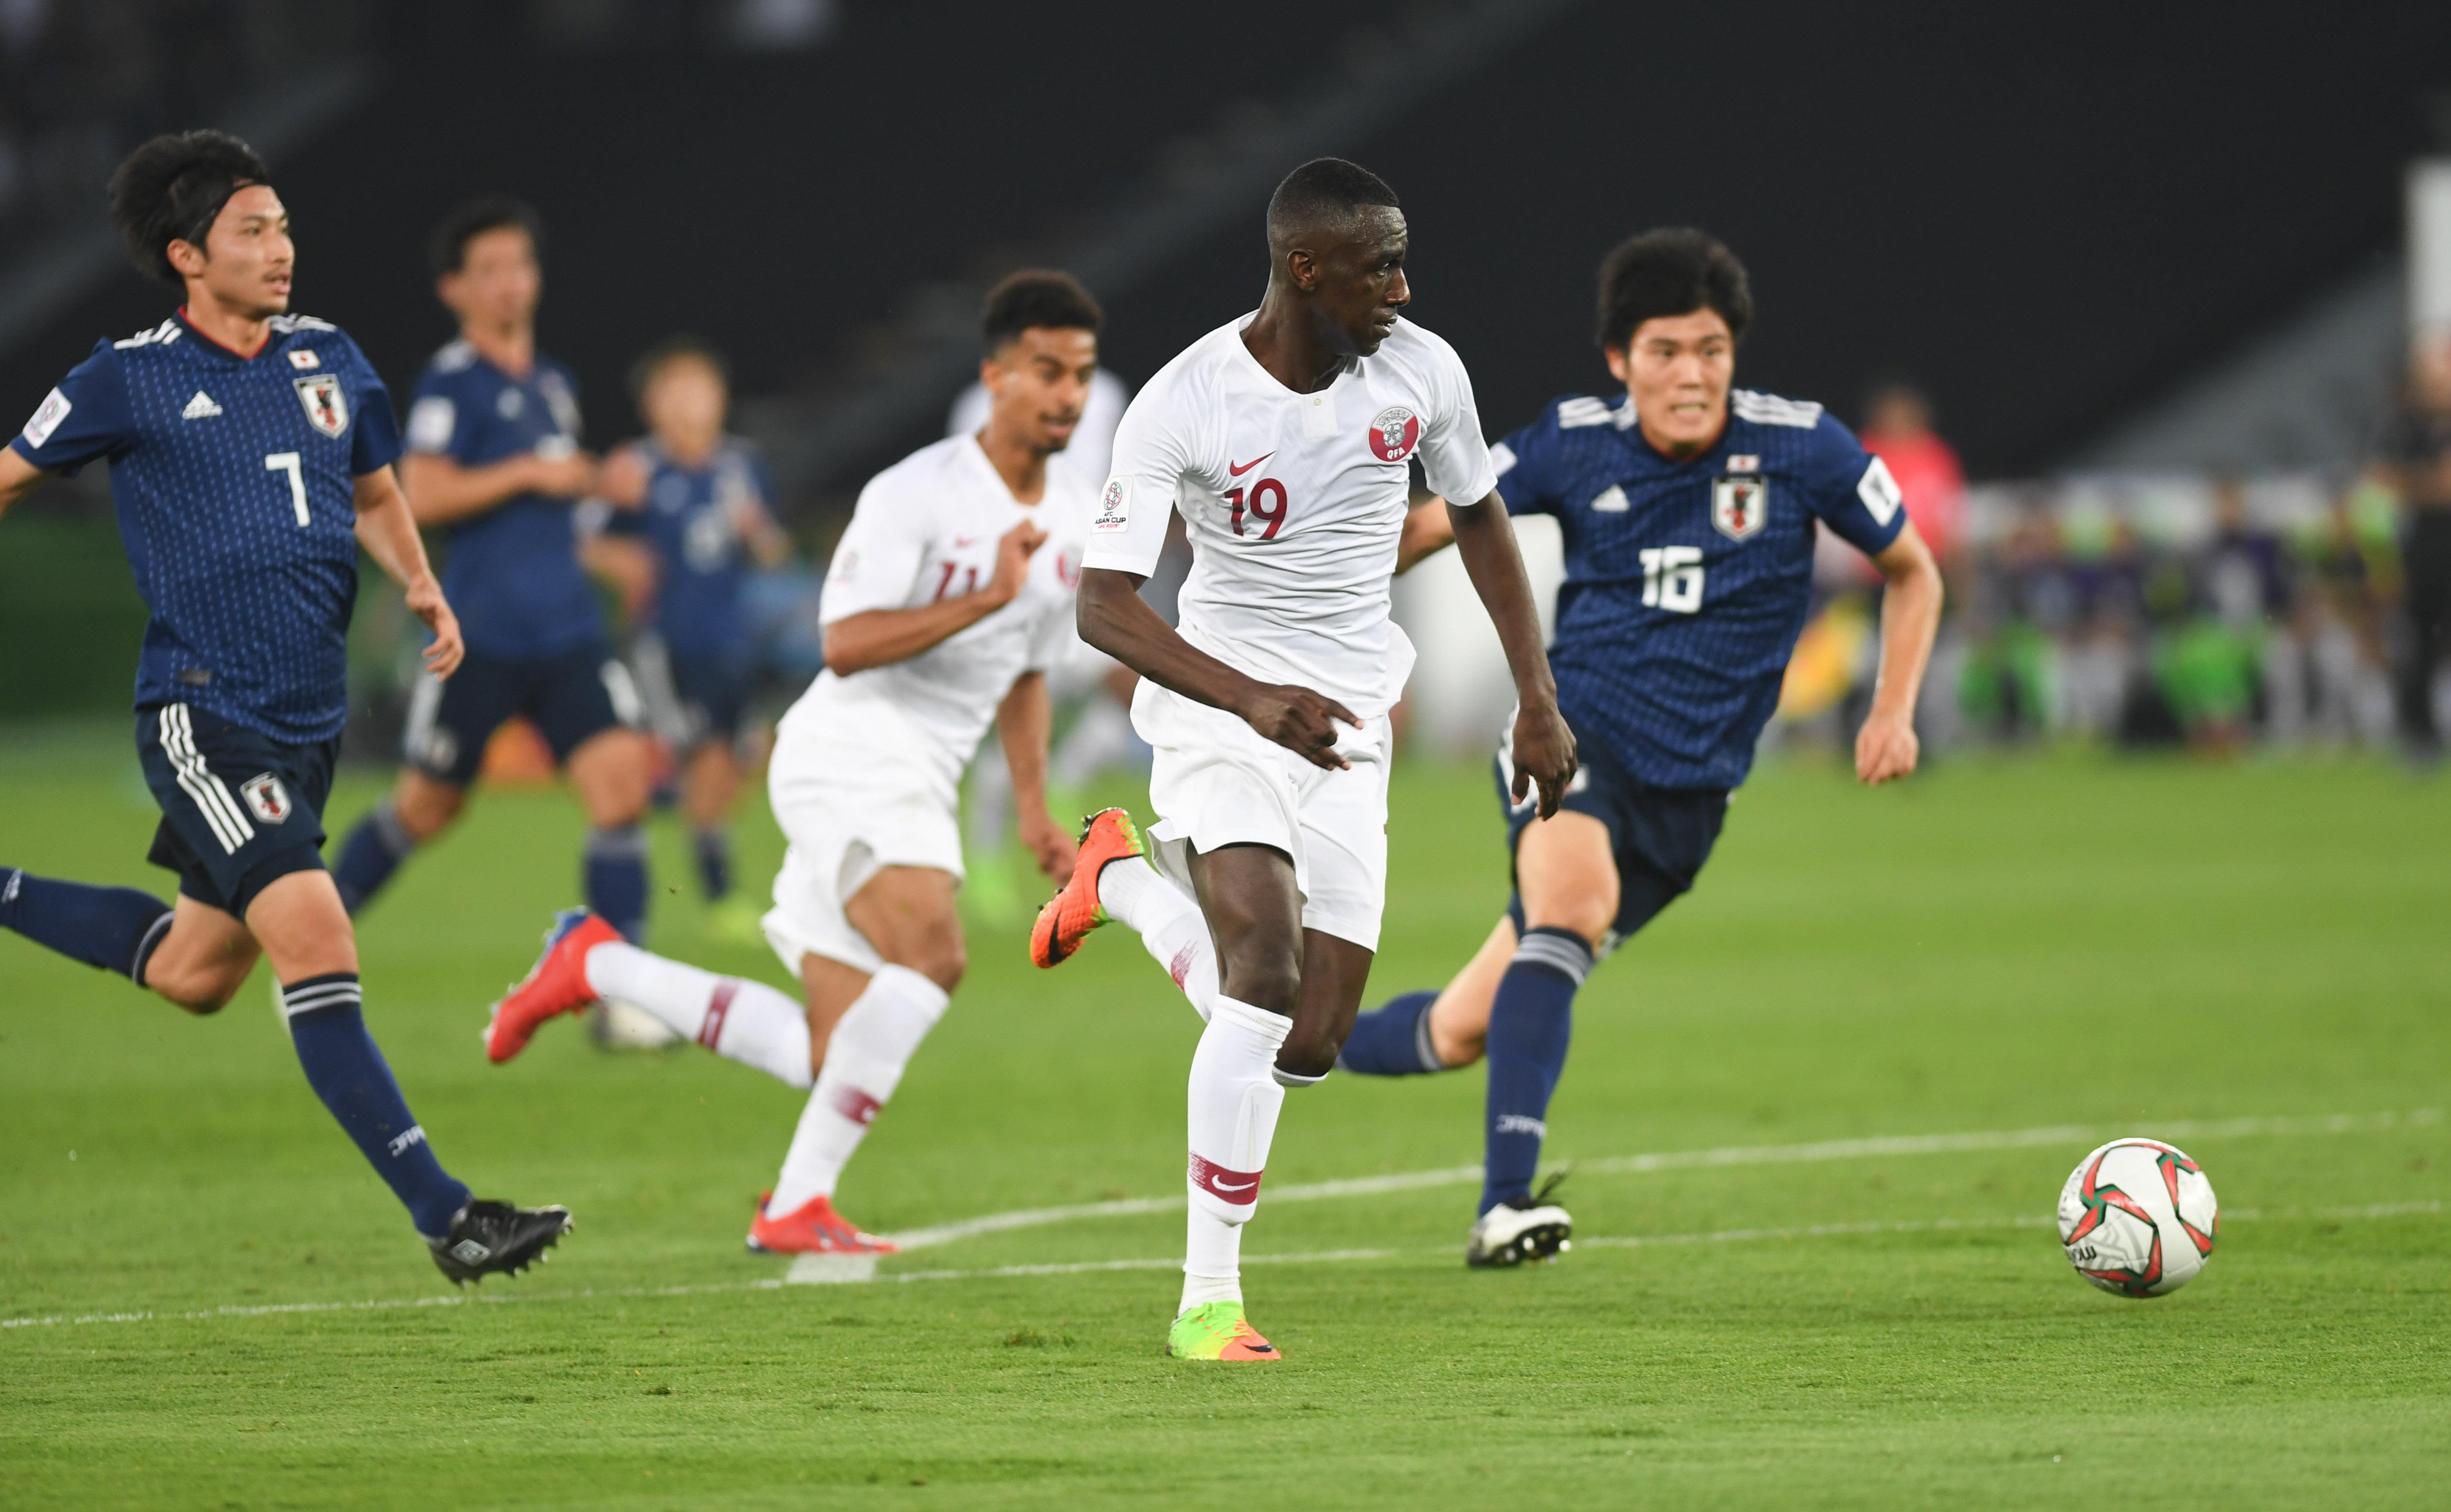 英超排名 7战全胜+连斩3世界杯球队 卡塔尔新王登基完美逆袭